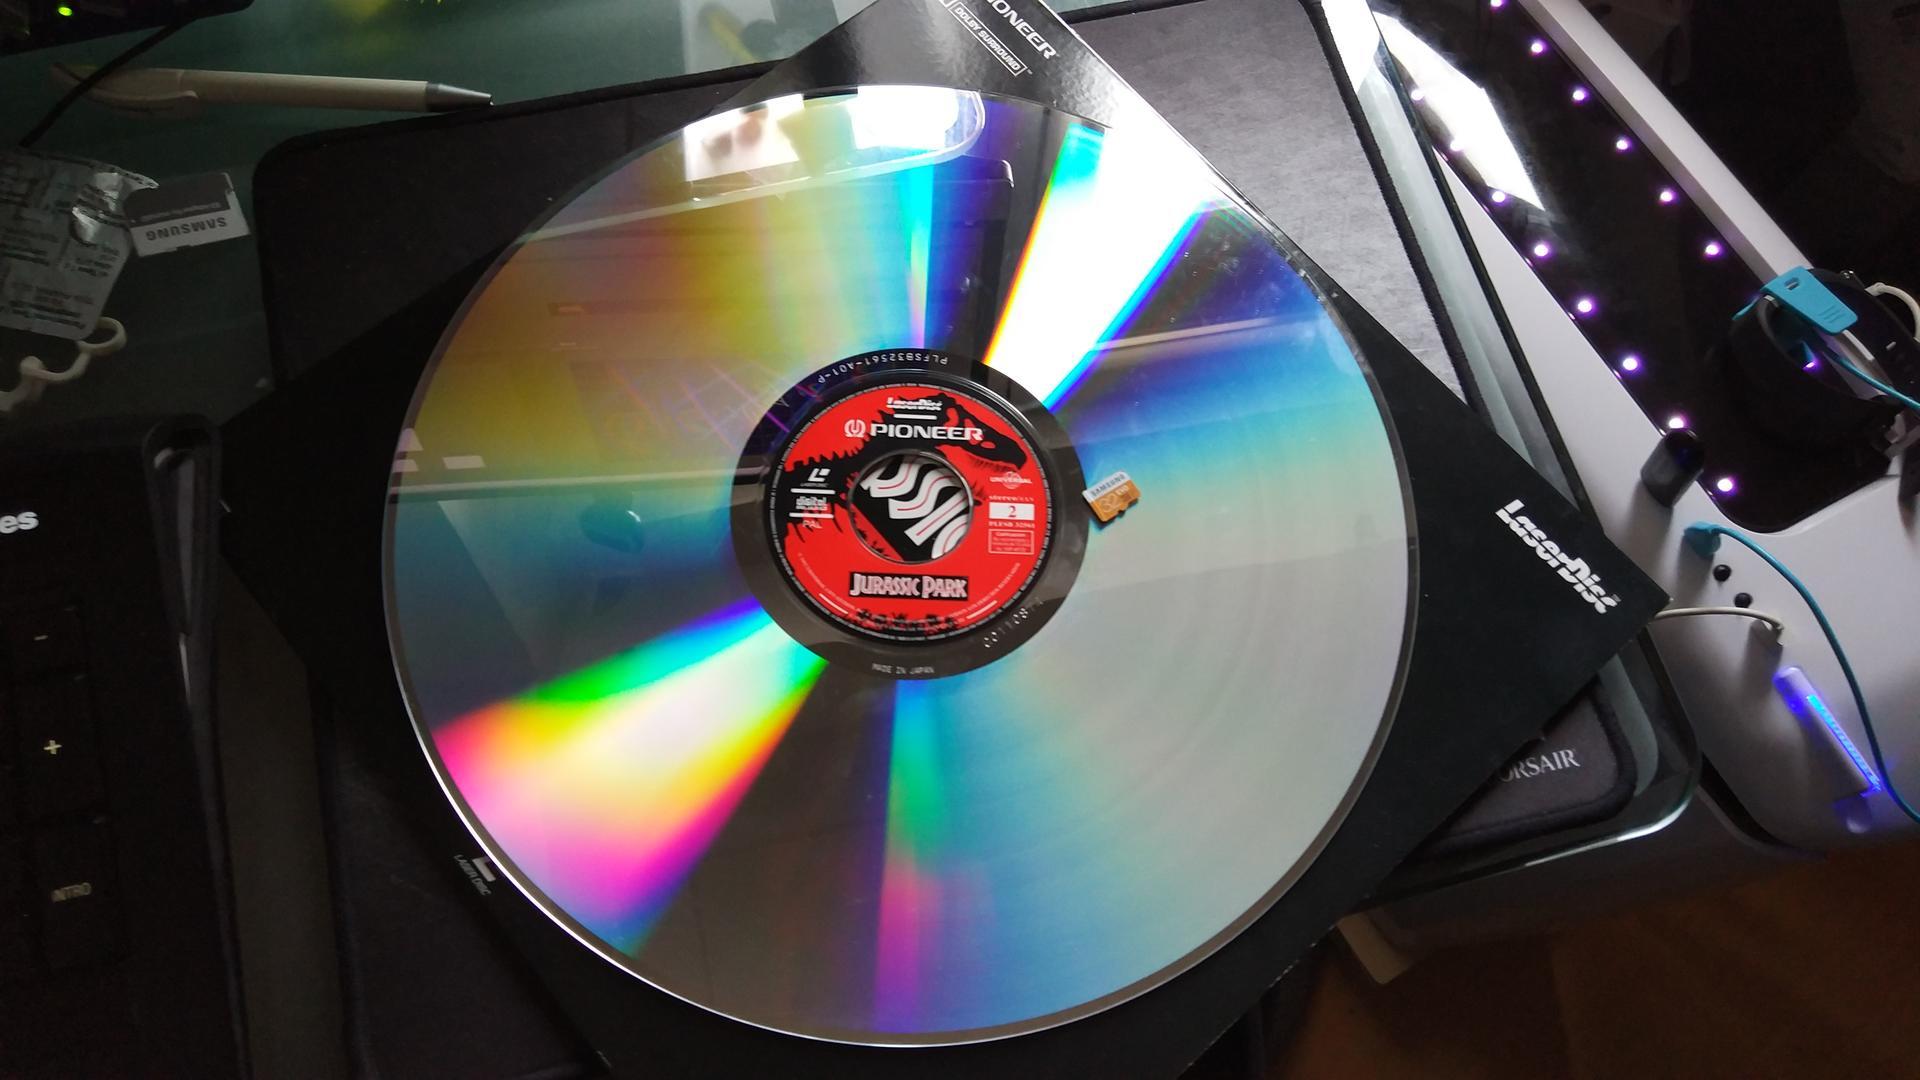 laserDisc vs MicroSD